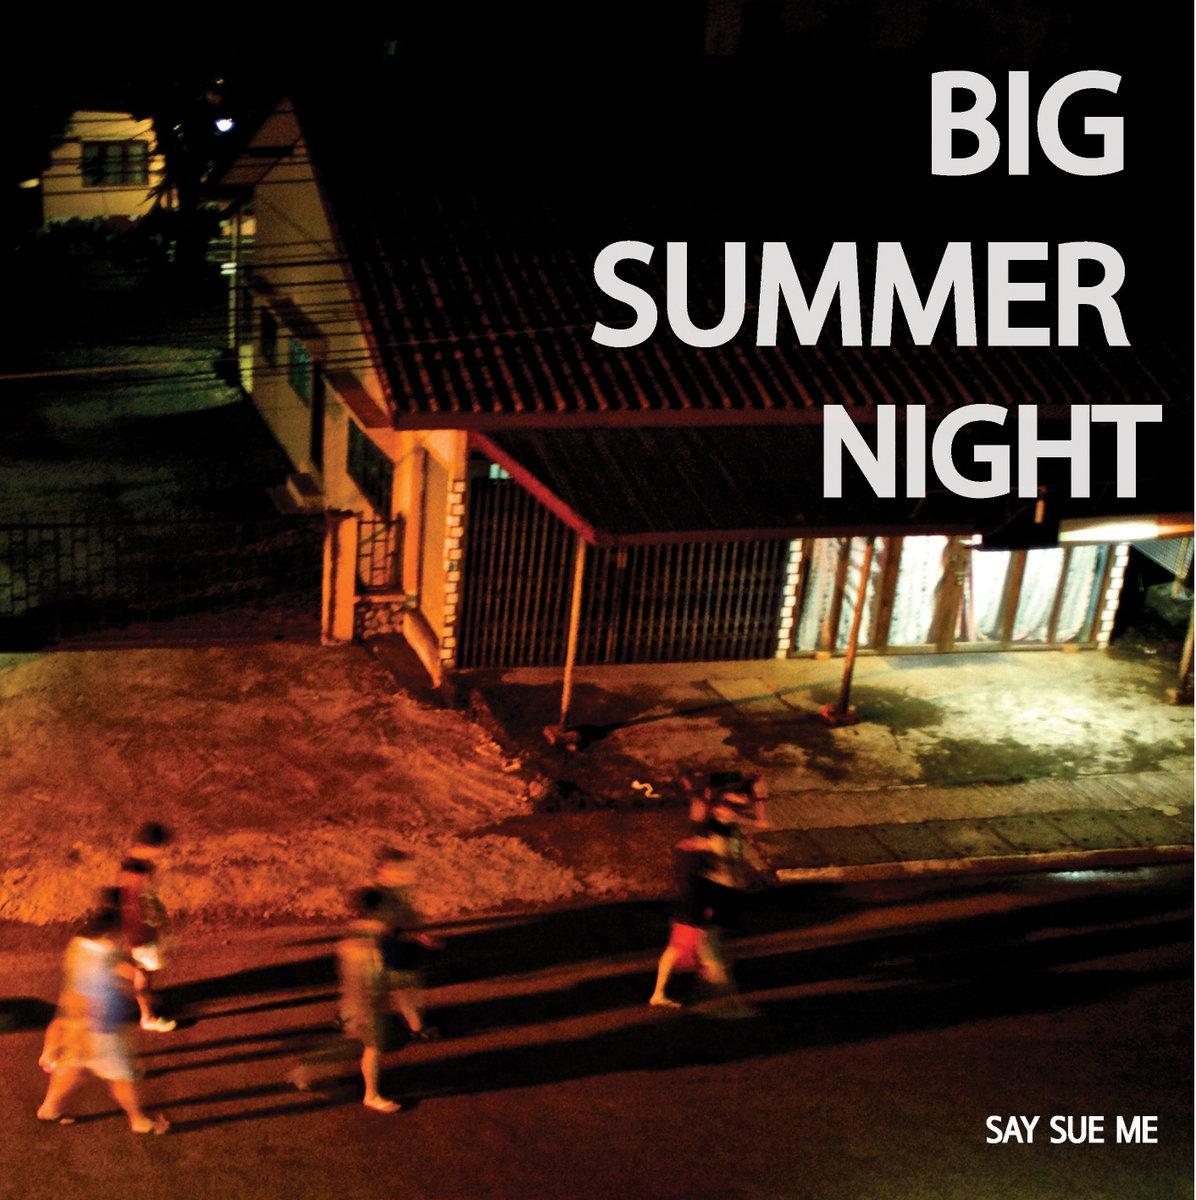 Say Sue Me - Big Summer Night 12